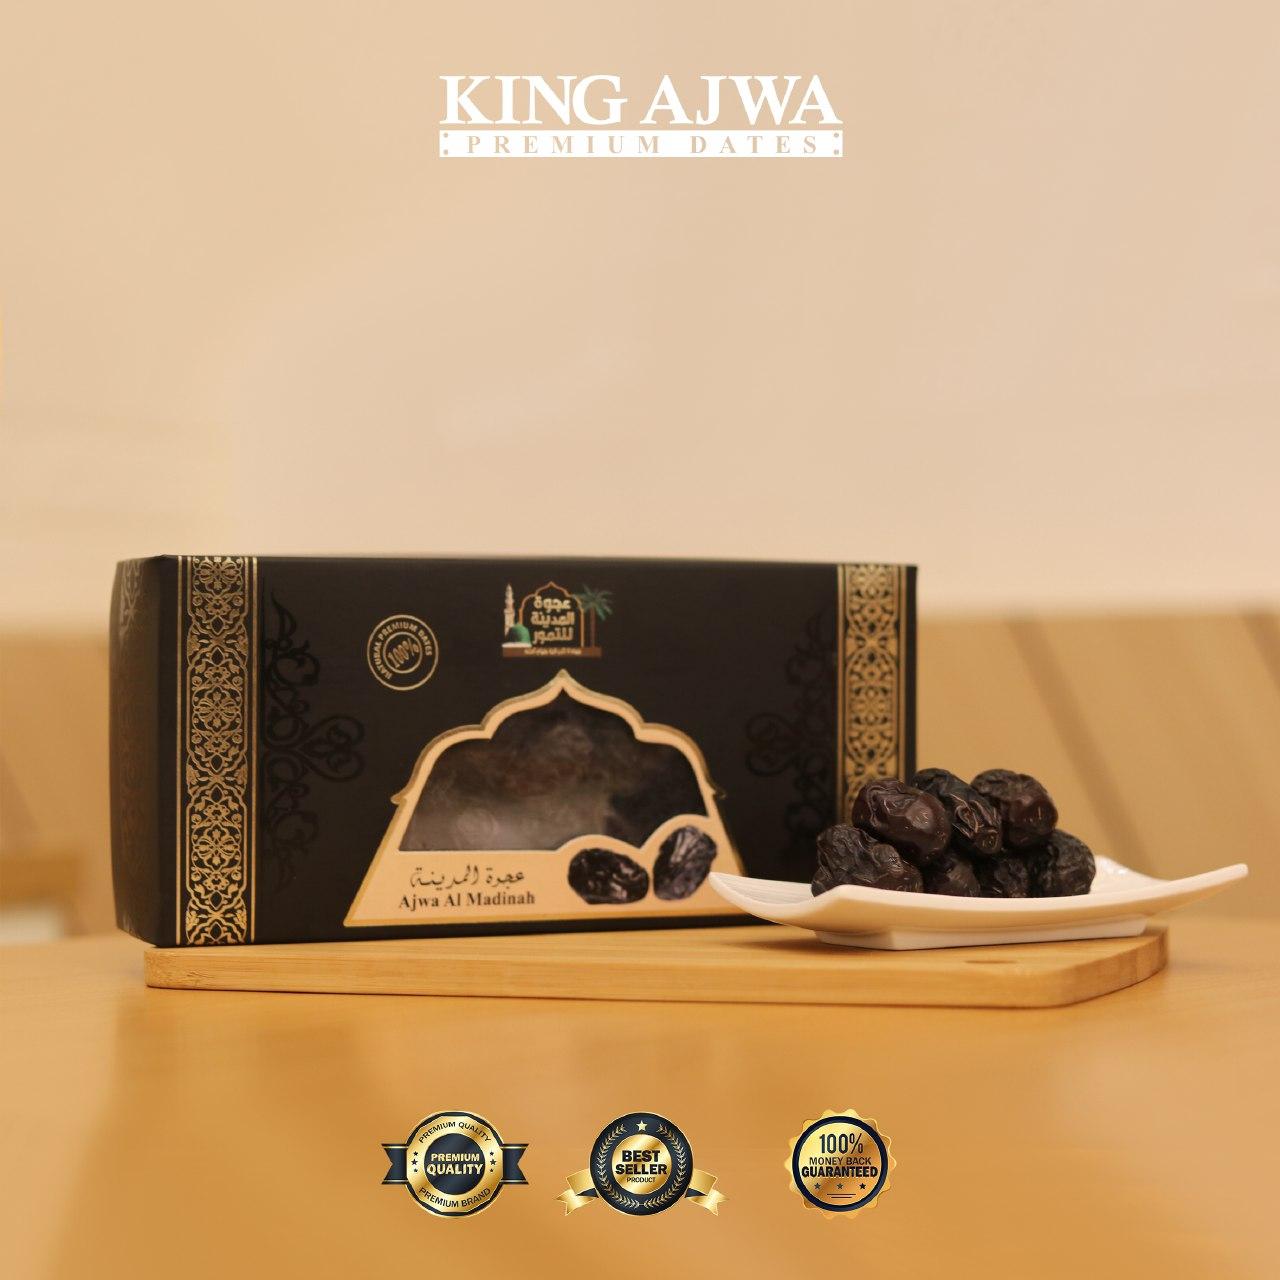 king ajwa 21